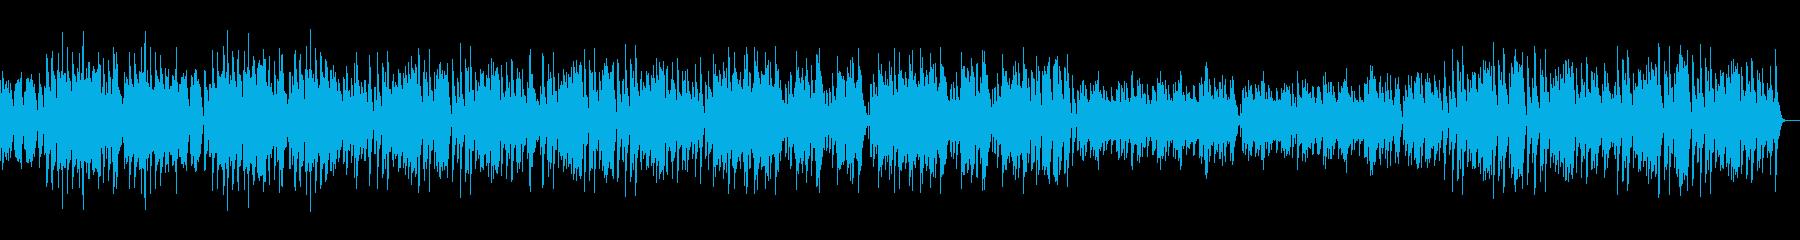 ブリーズ・フロム・アラバマ_オルゴールの再生済みの波形